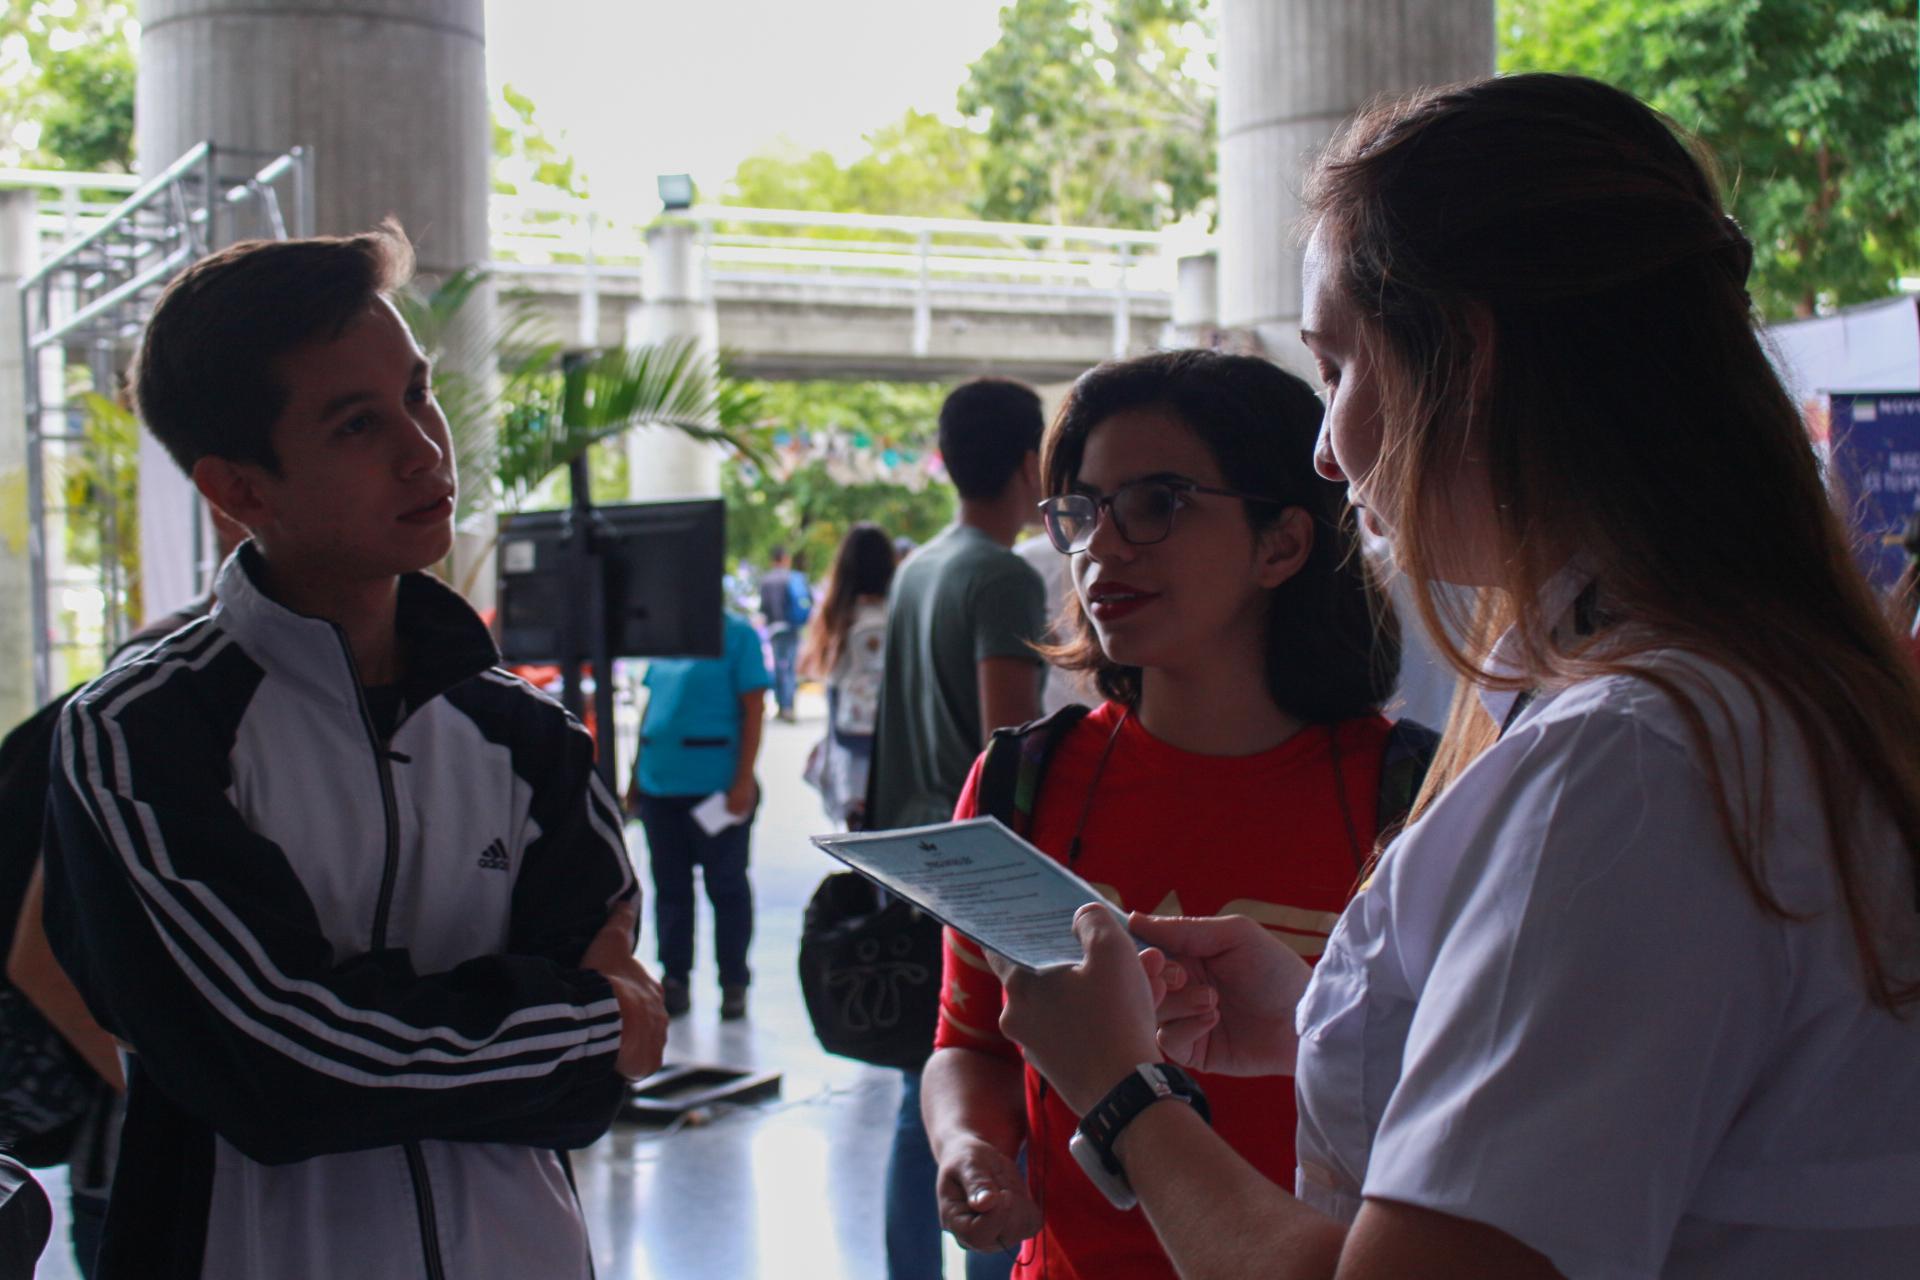 Universidad y empresa conectadas: Así transcurrió la Feria de empleo y pasantías 2018